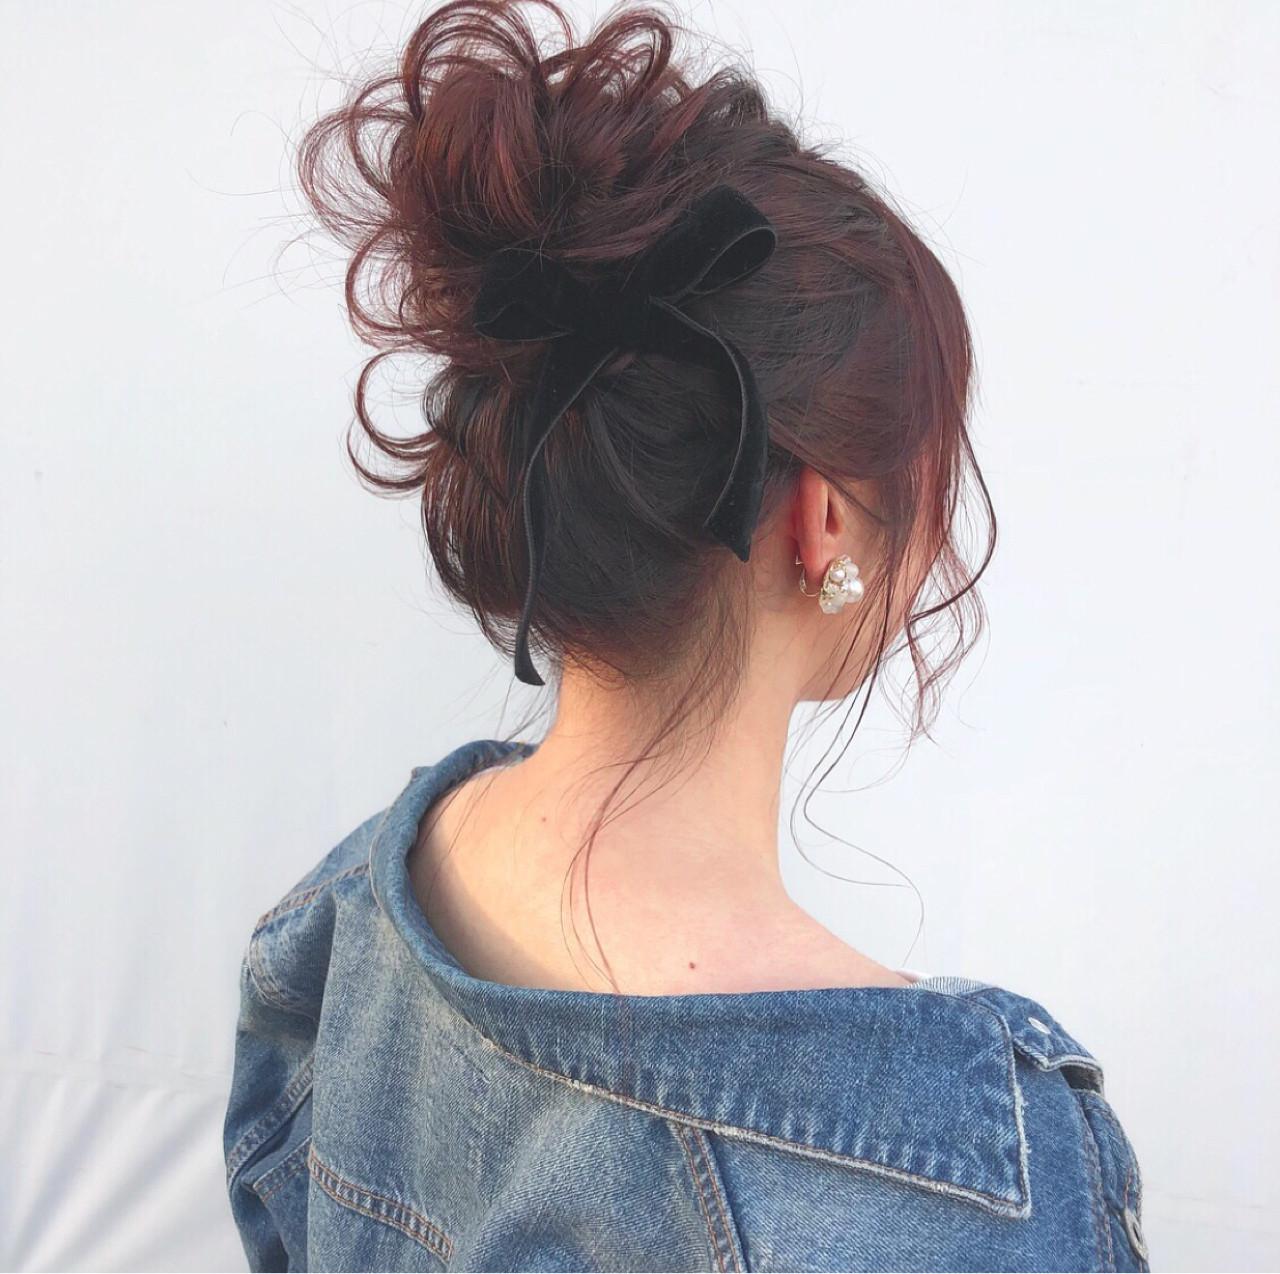 簡単ヘアアレンジ ナチュラル セミロング お団子 ヘアスタイルや髪型の写真・画像